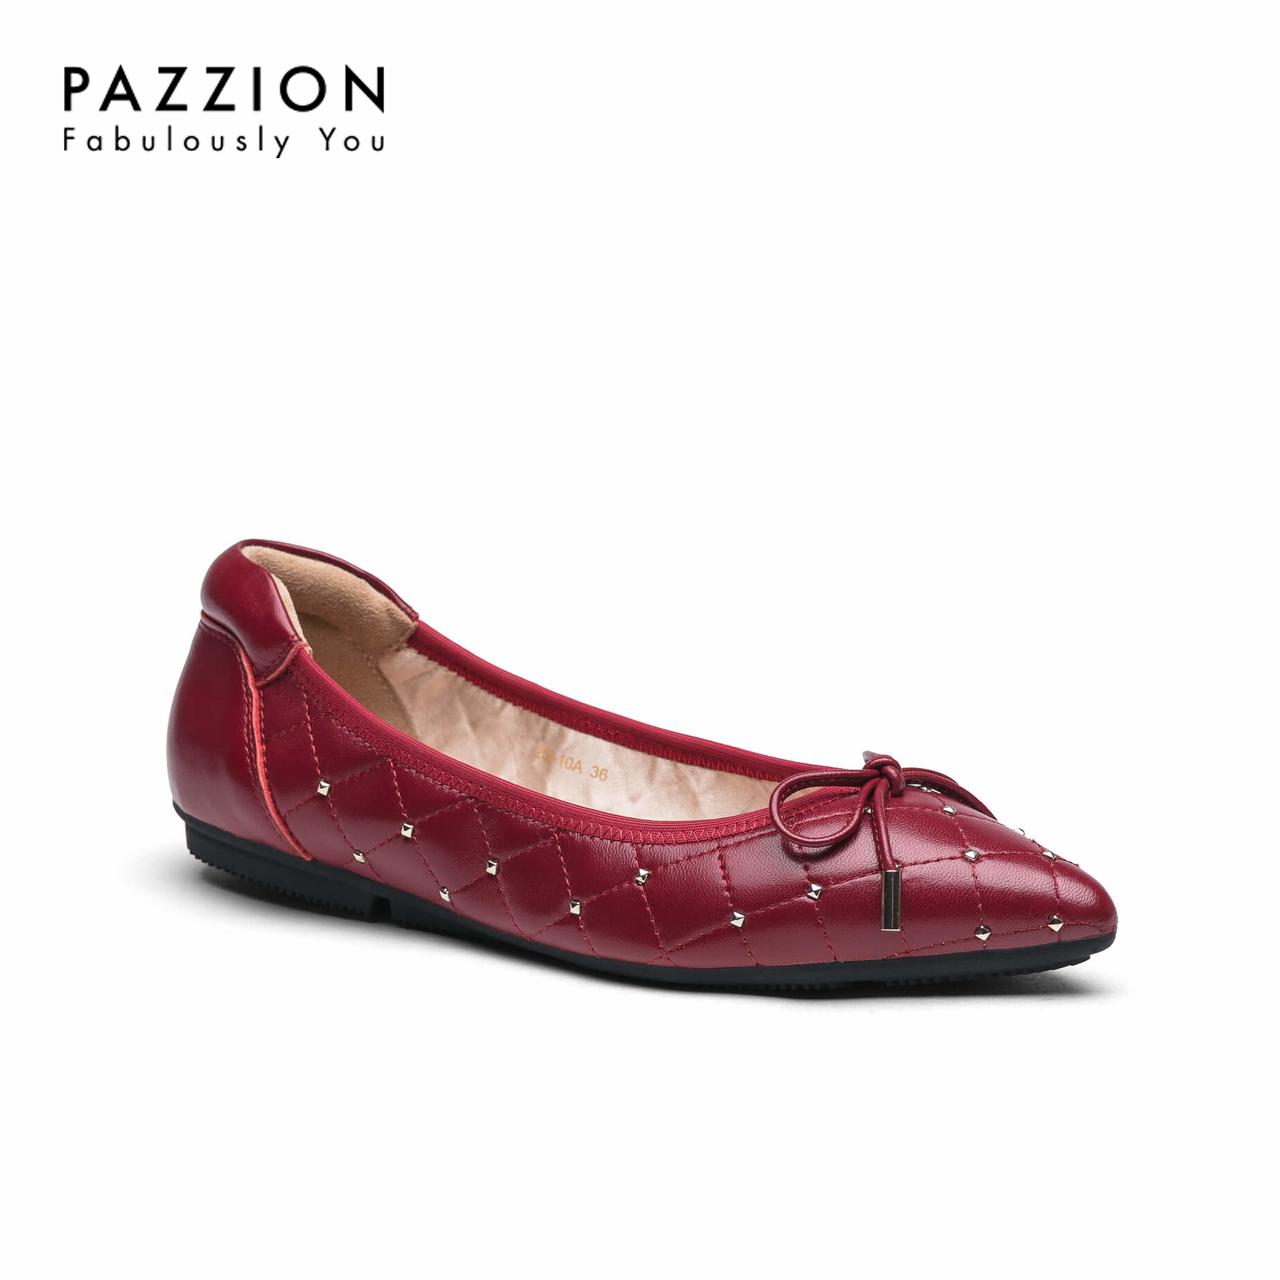 PAZZION夏季舒适羊皮软底温柔鞋平底鞋女 甜美蝴蝶结格纹浅口单鞋